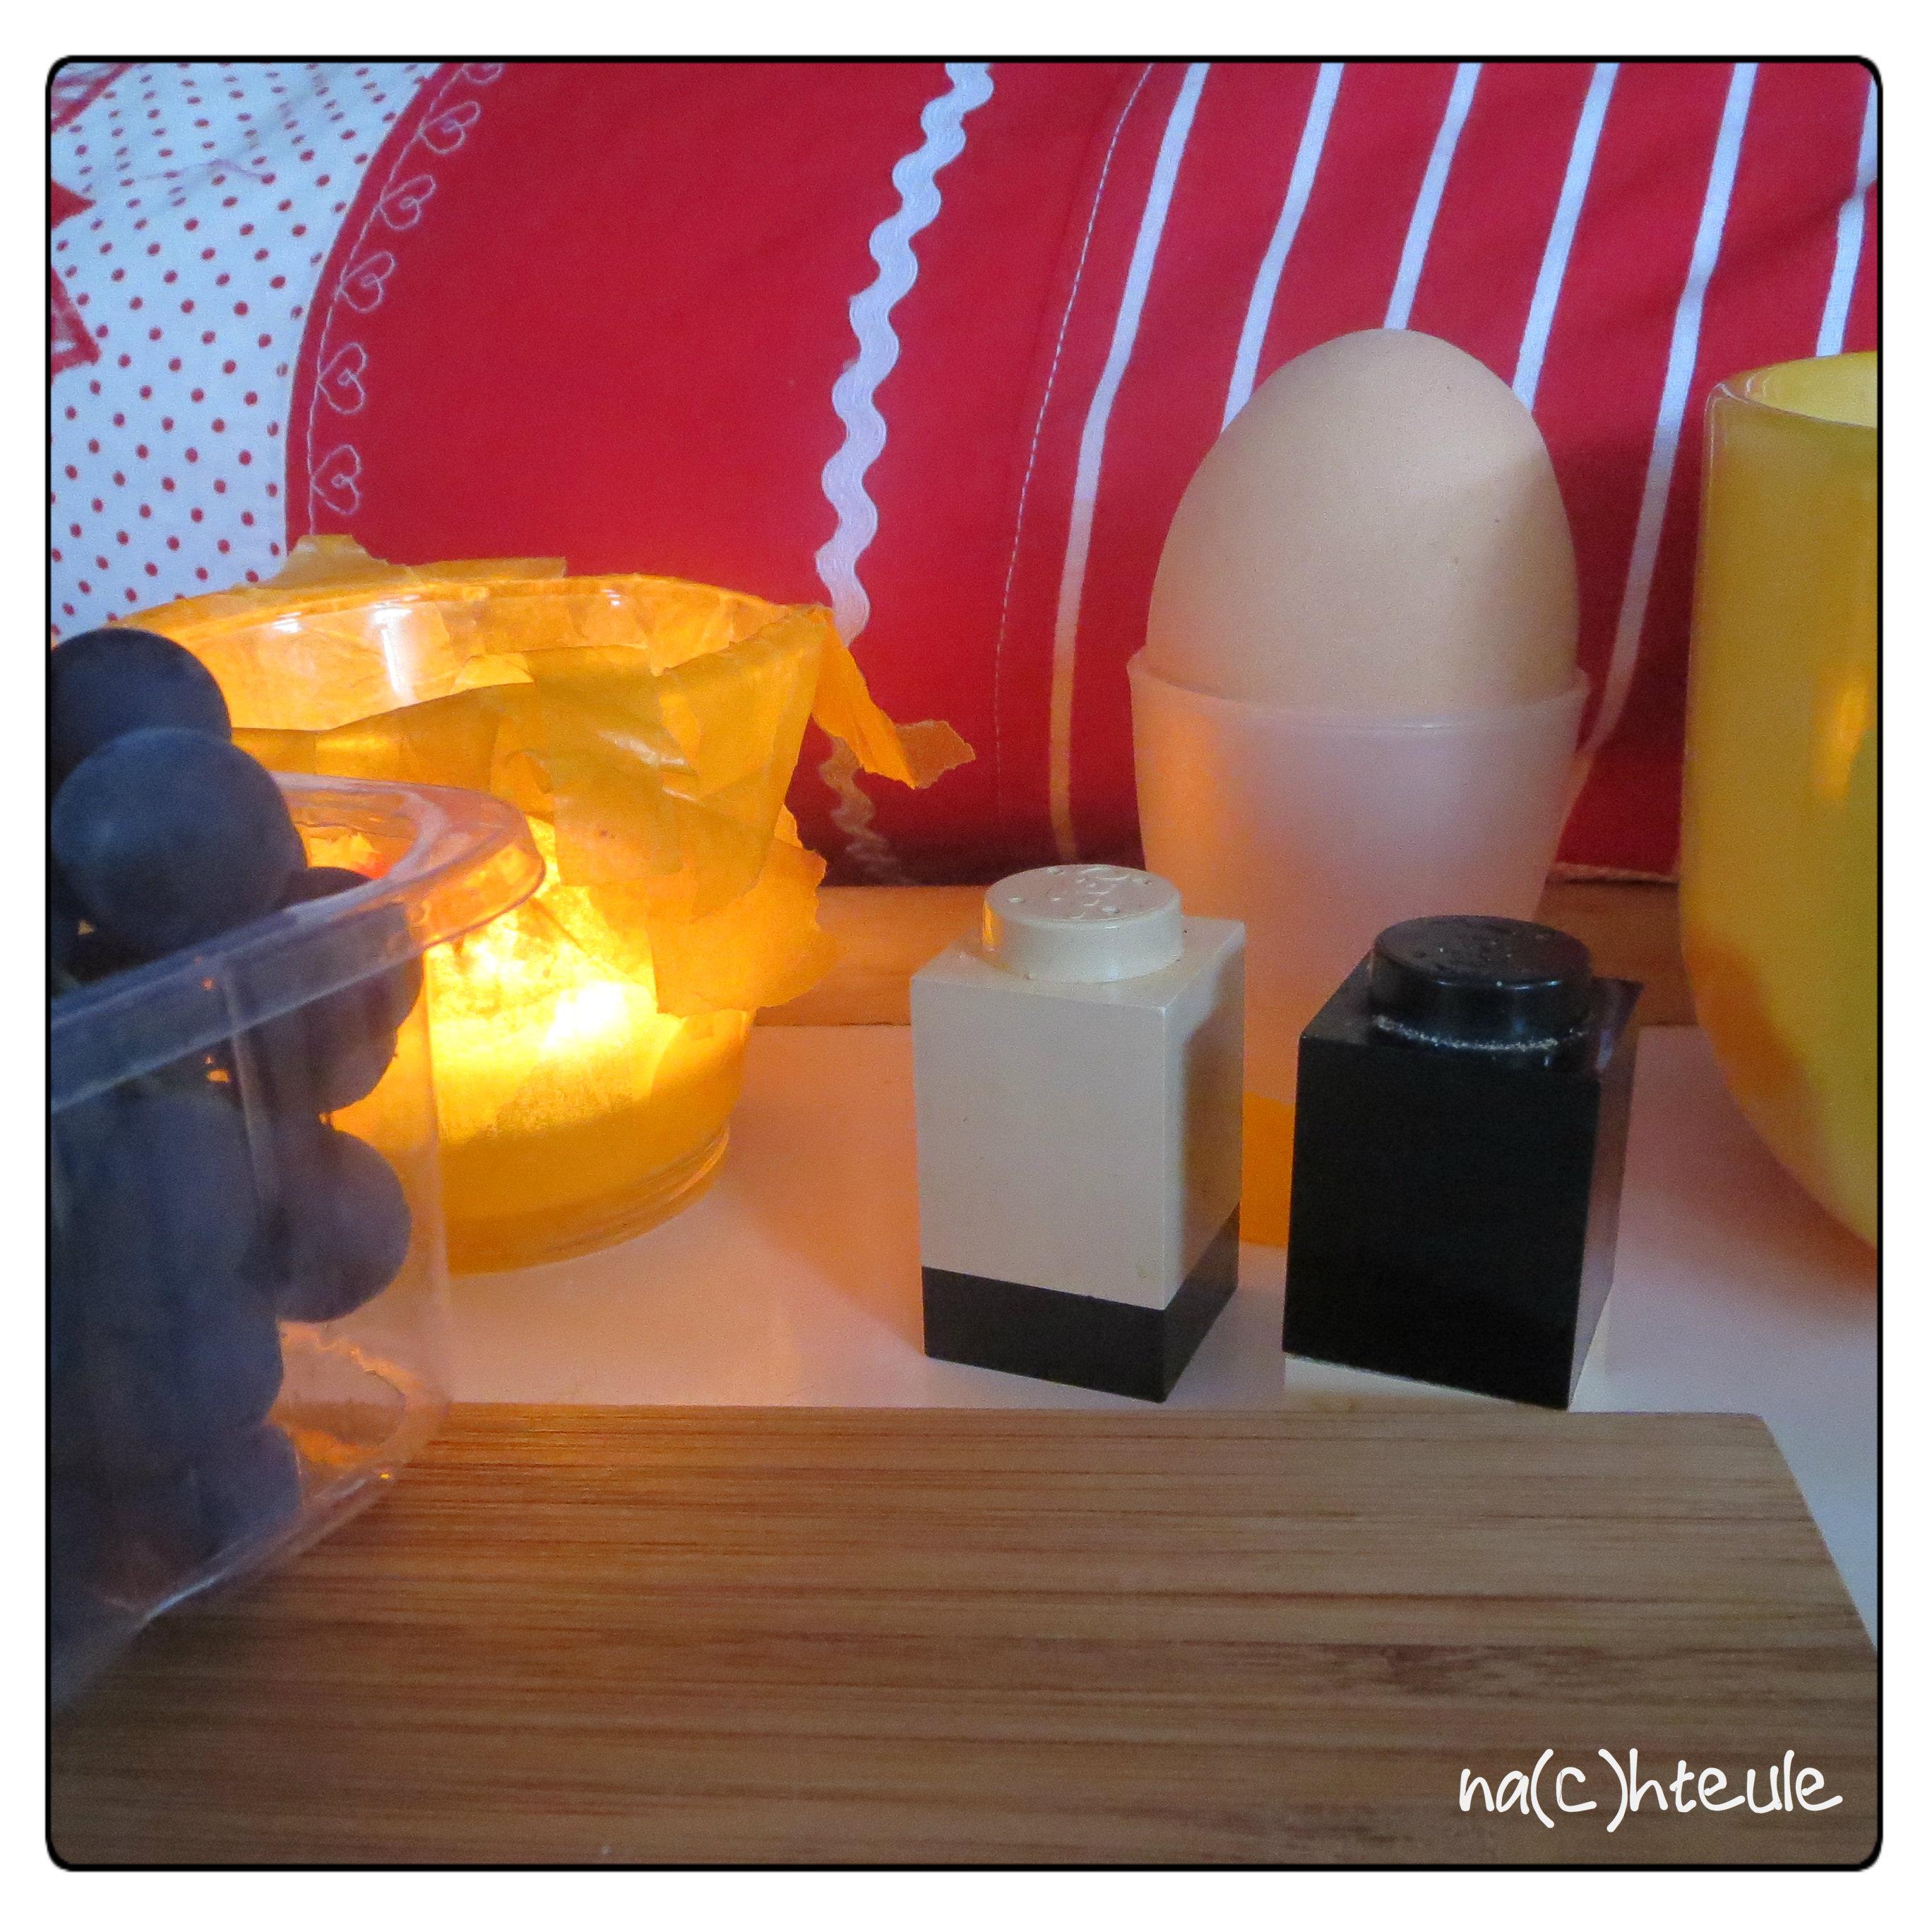 na c hteule nachts entstehen die bilder im kopf seite 11. Black Bedroom Furniture Sets. Home Design Ideas